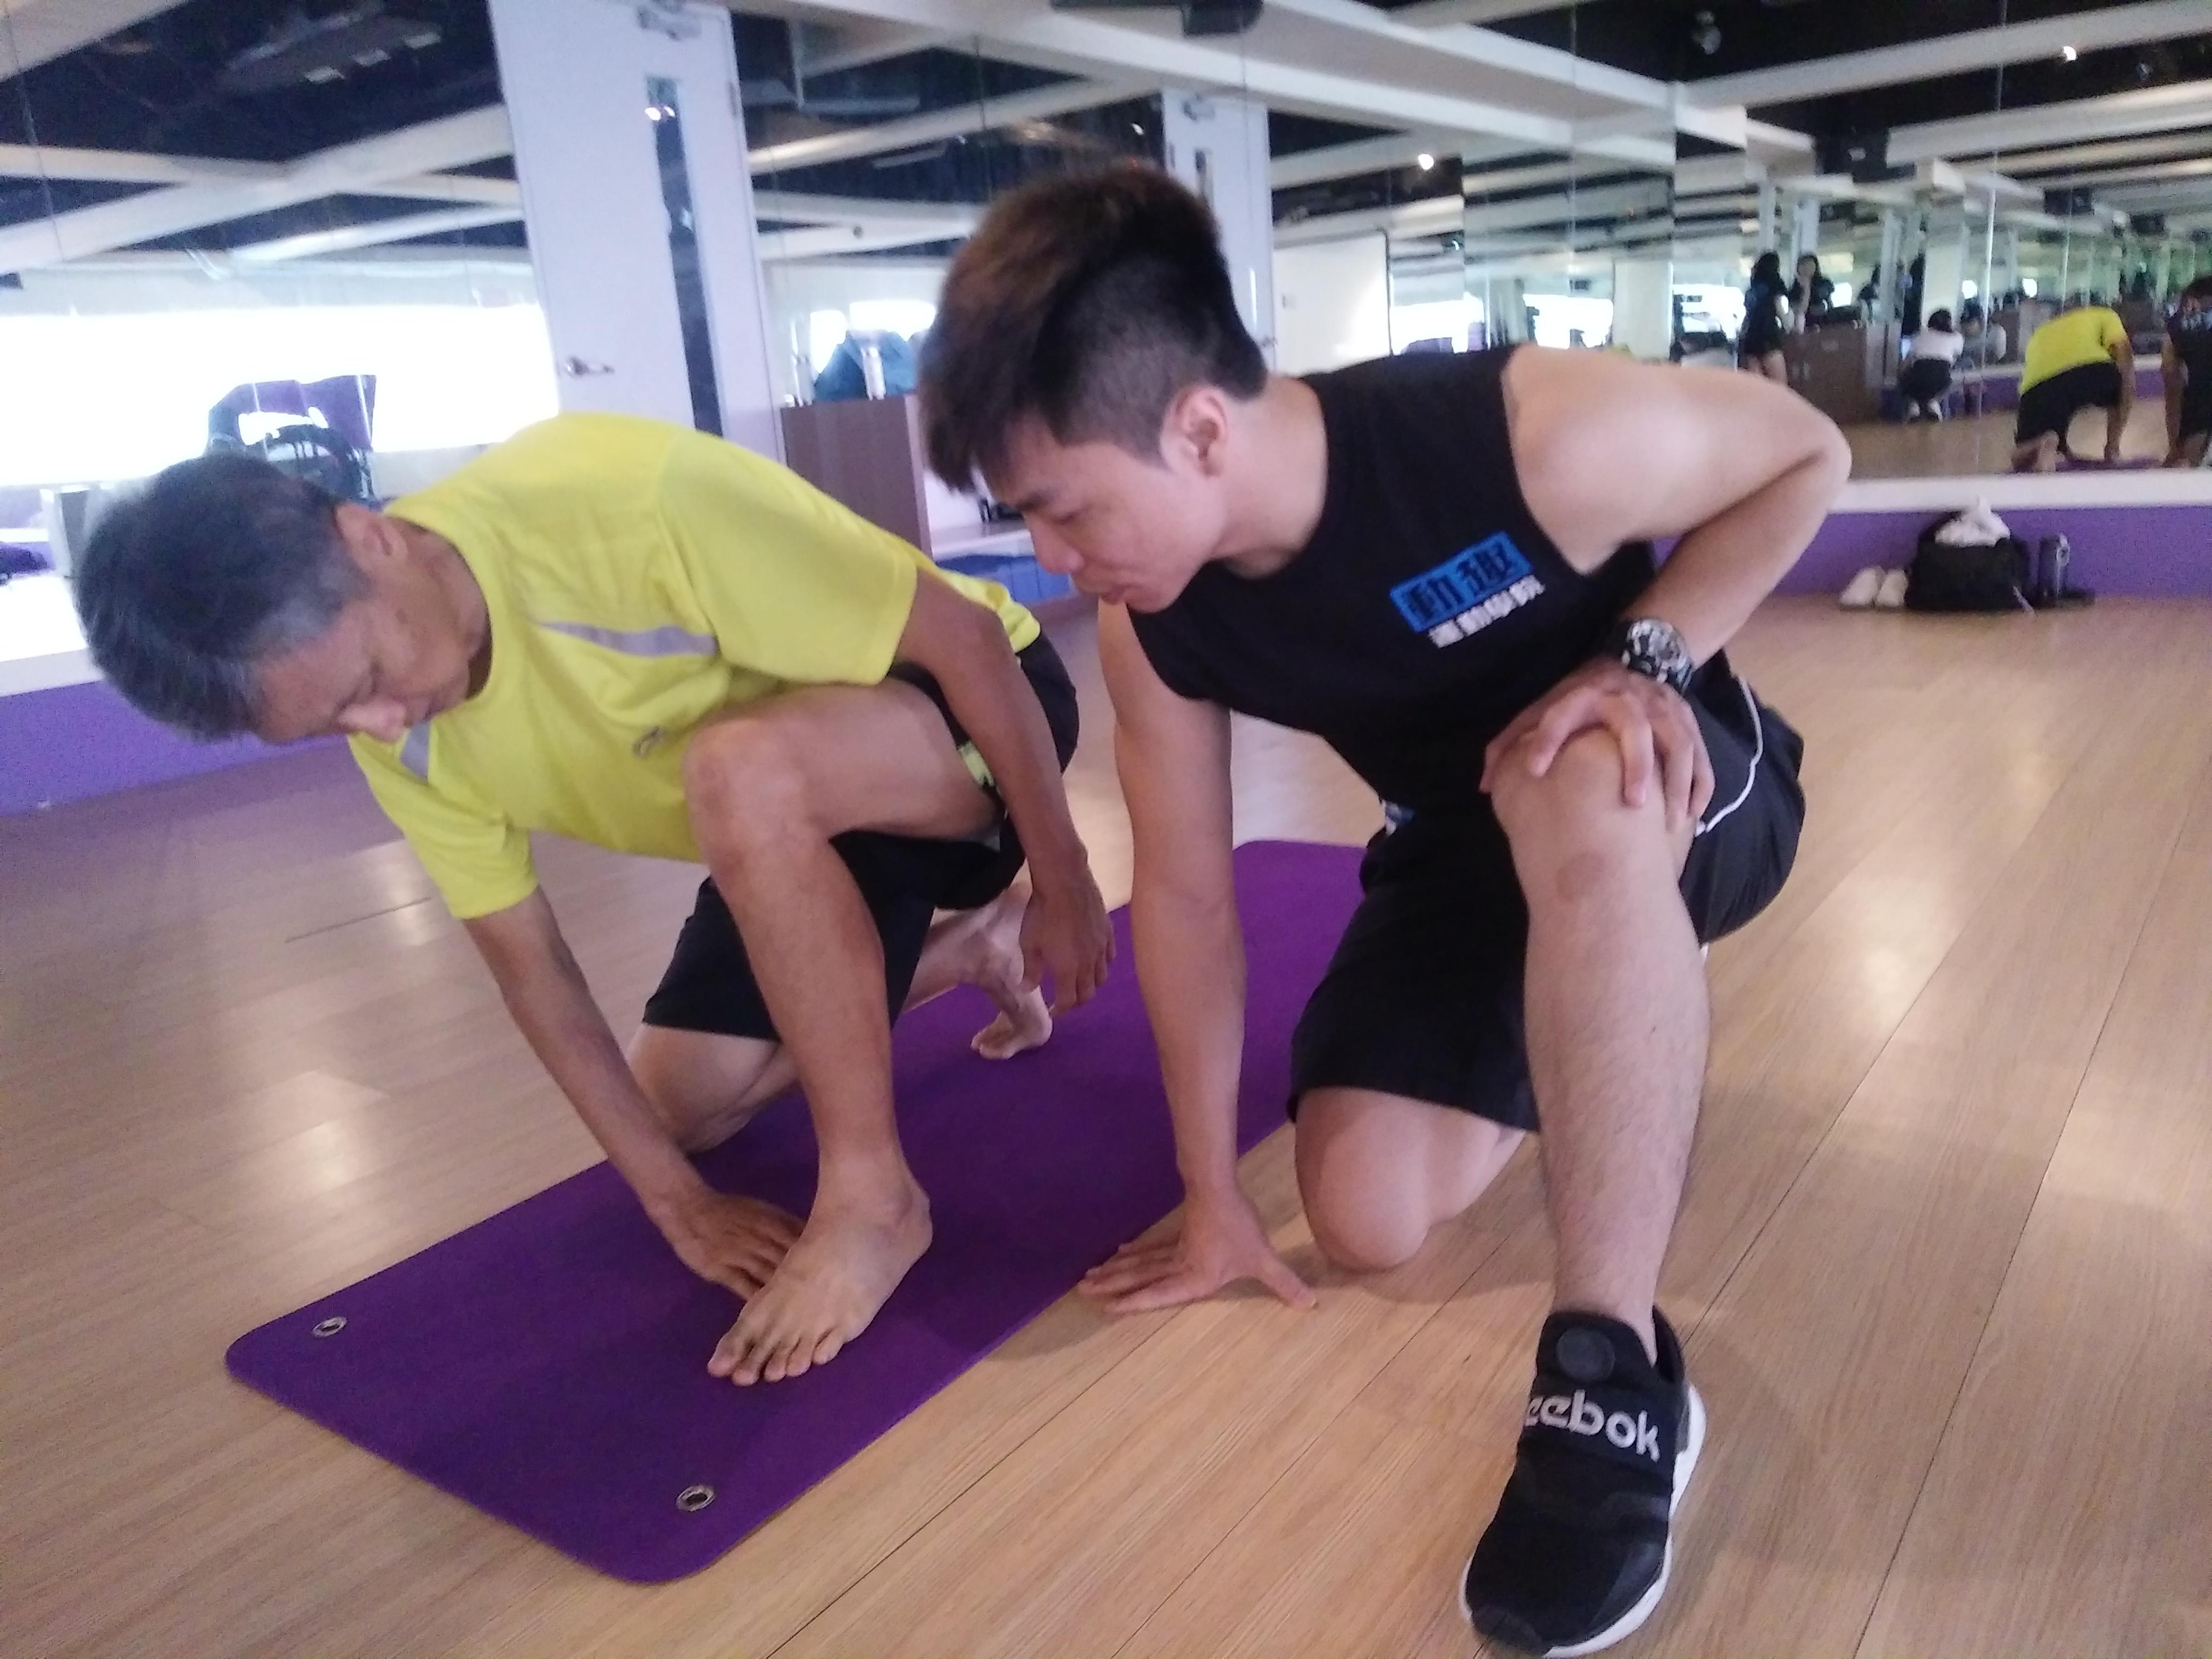 在體適能教練的協助下,學習正確的伸展姿勢。